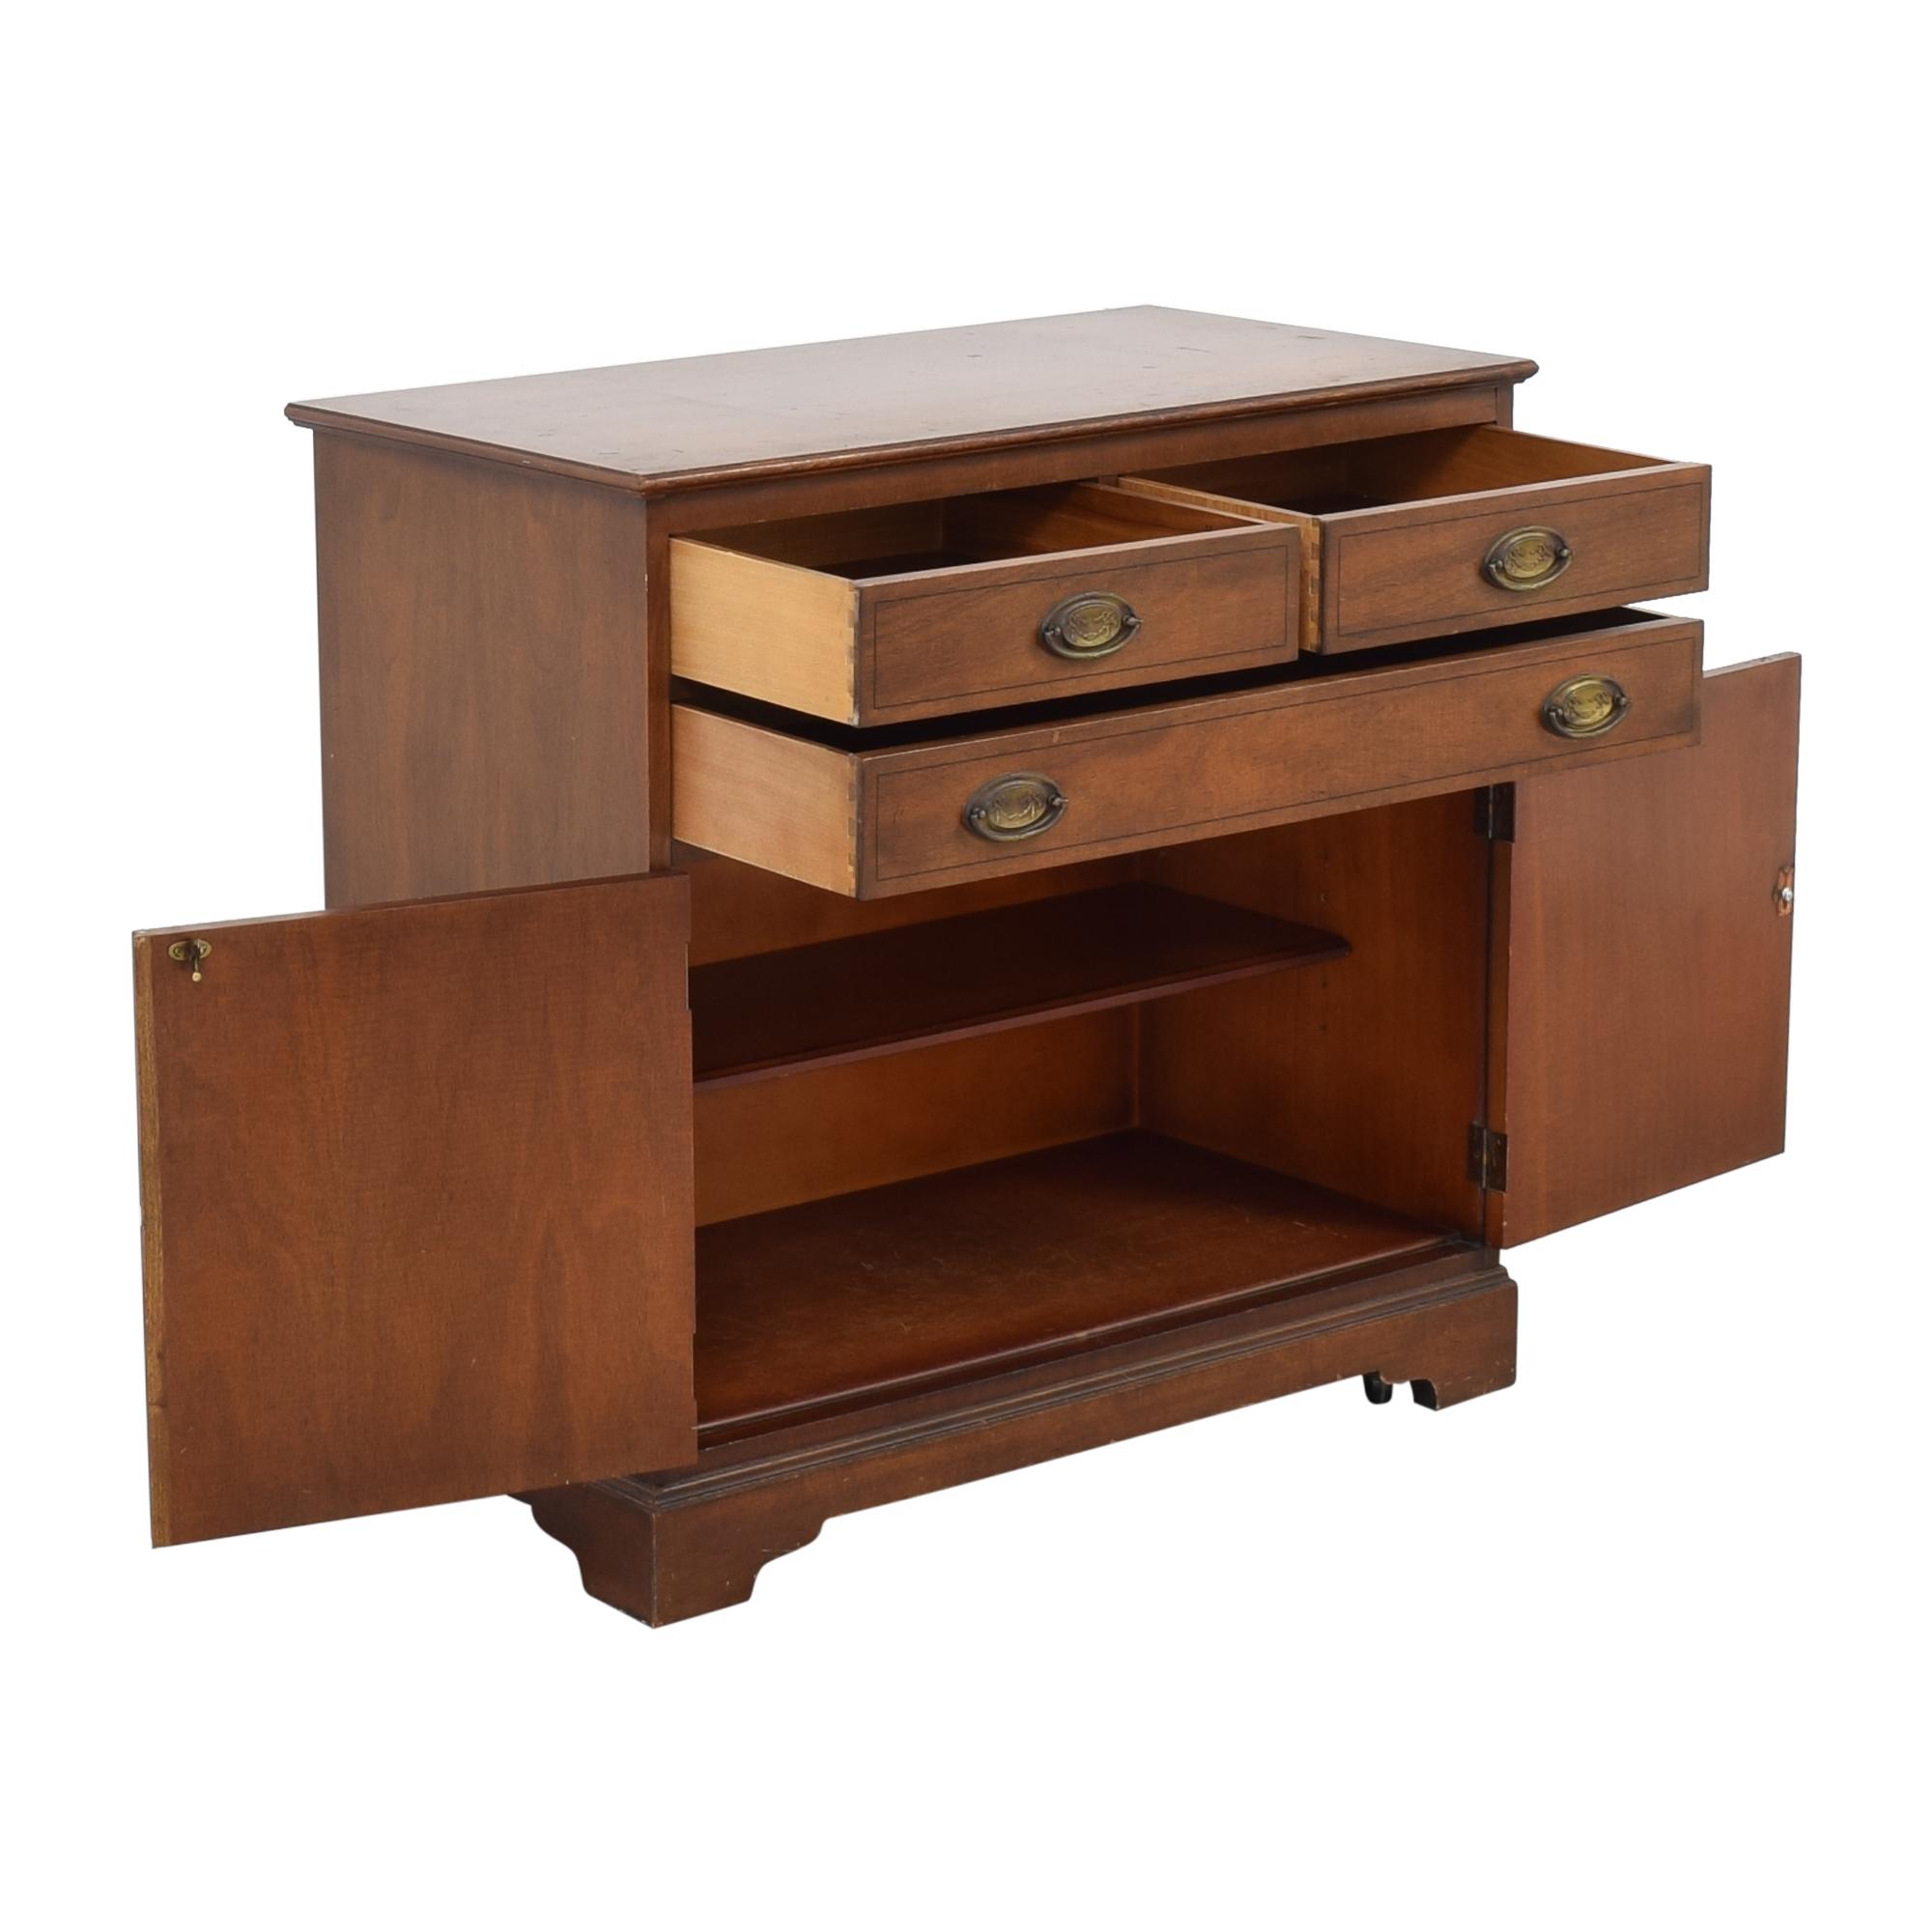 Henredon Furniture Cabinet / Cabinets & Sideboards